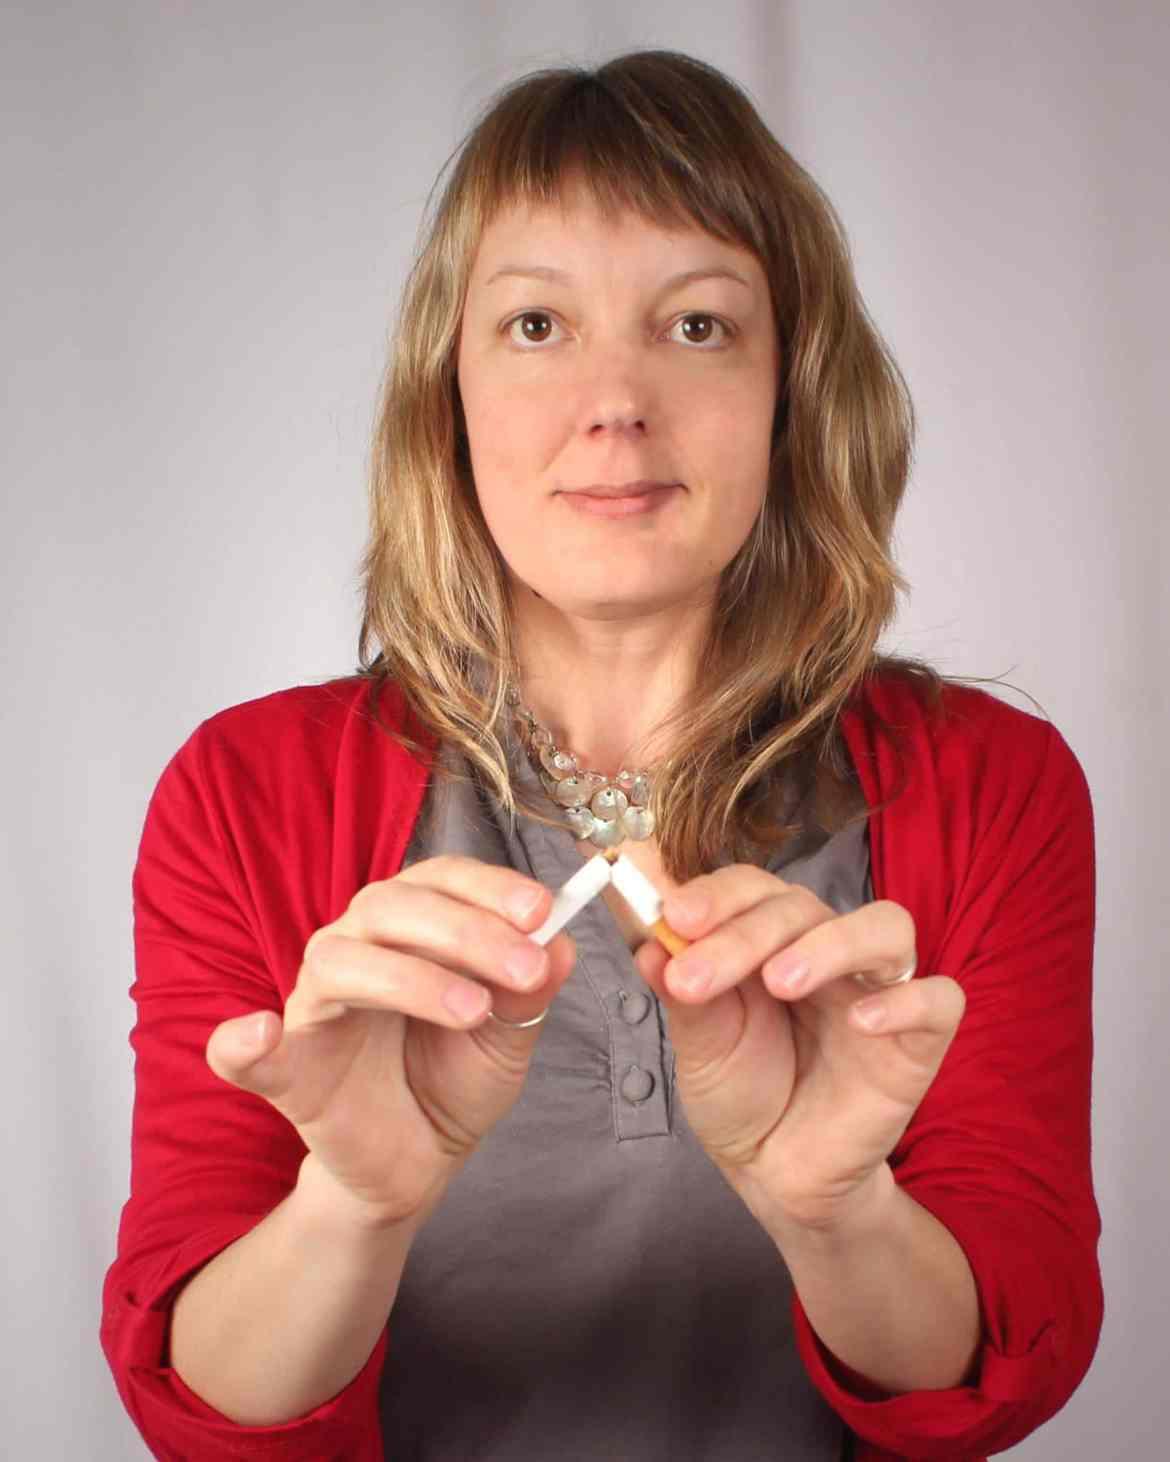 The Quit Book Author Kelly Asmus-Albornoz